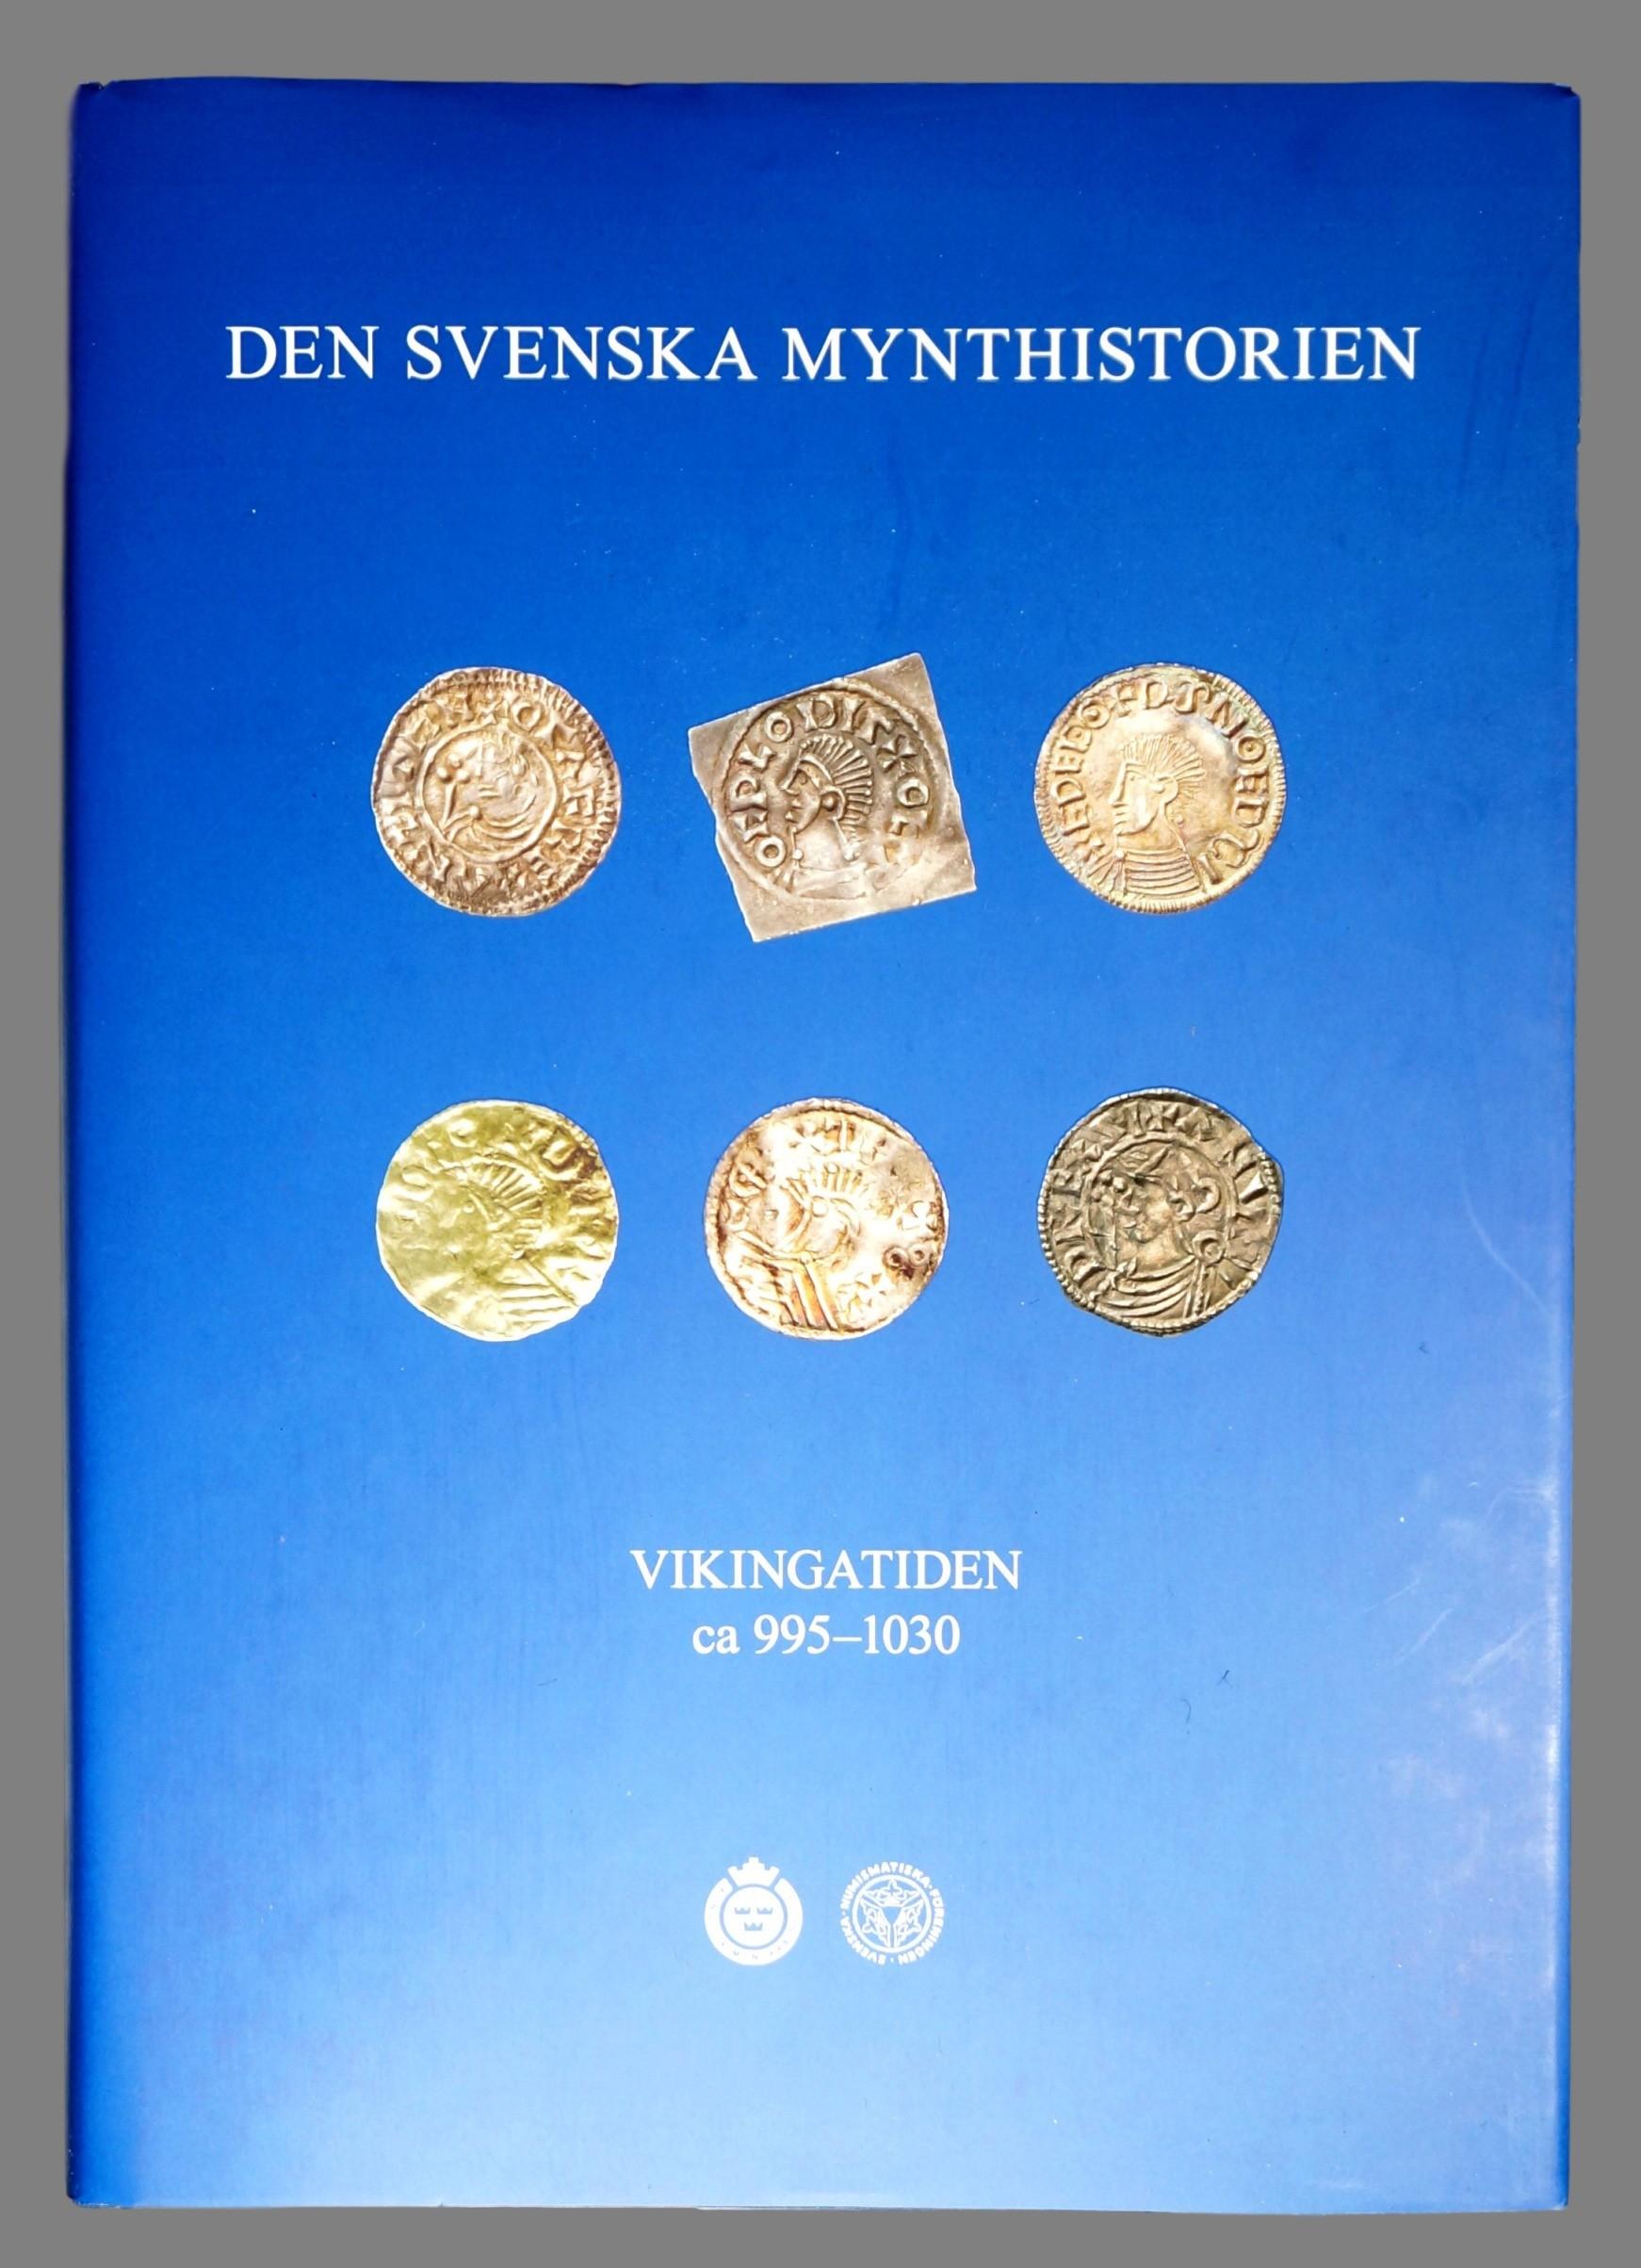 Den svenska mynthistorien. Vikingtiden ca 995-1030